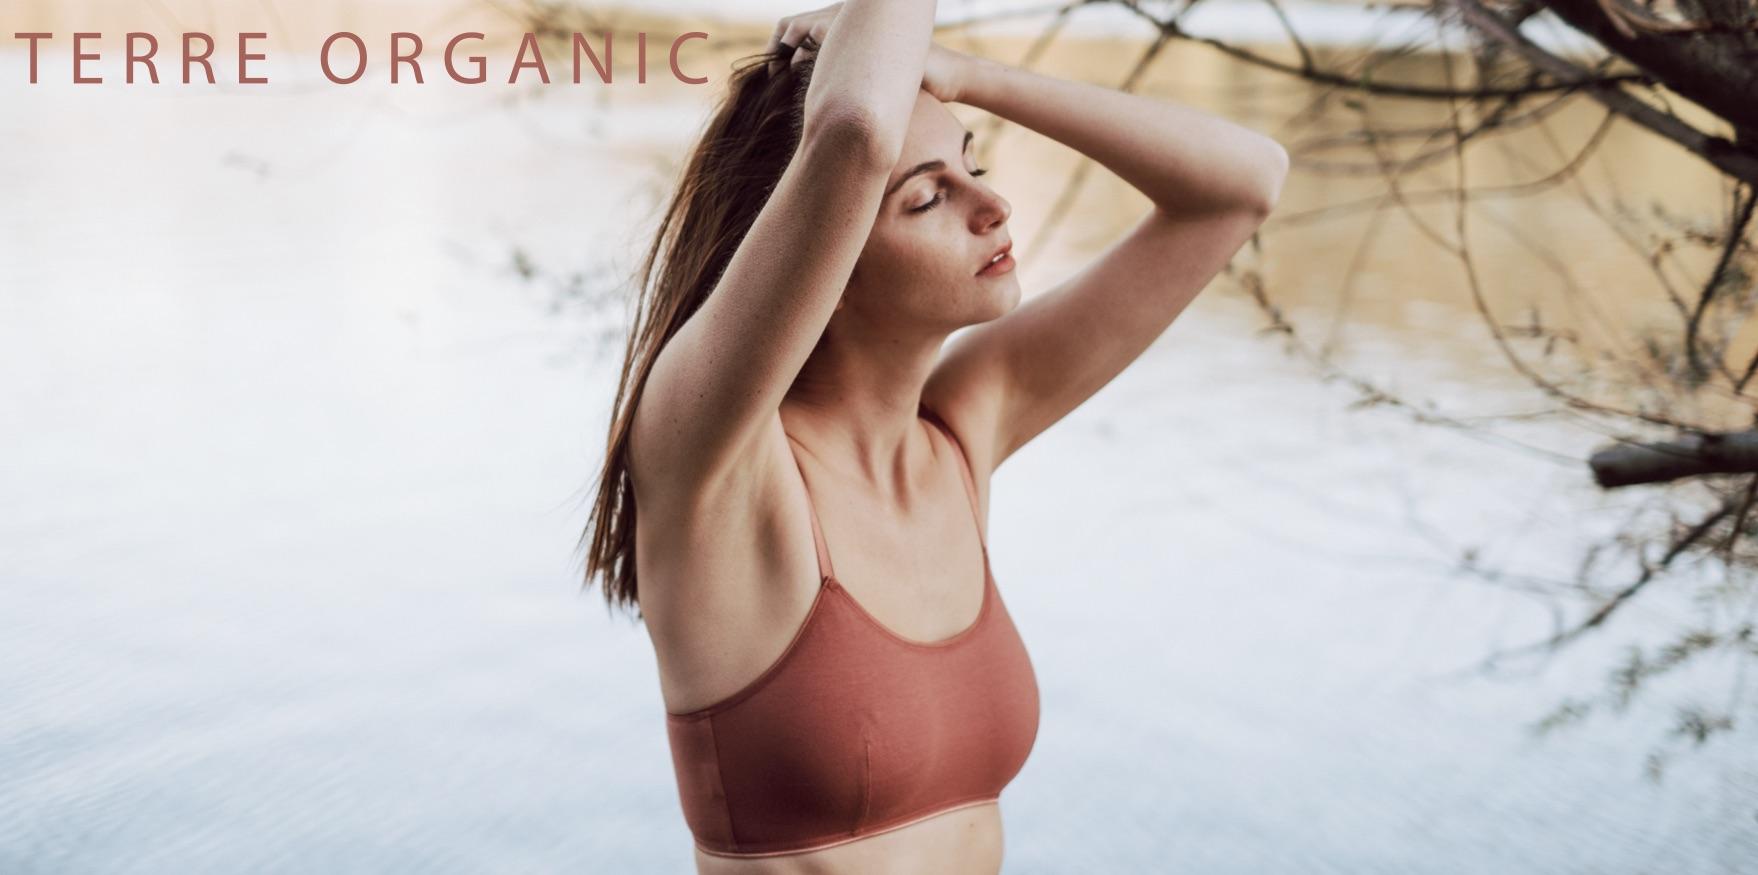 Terre Organic